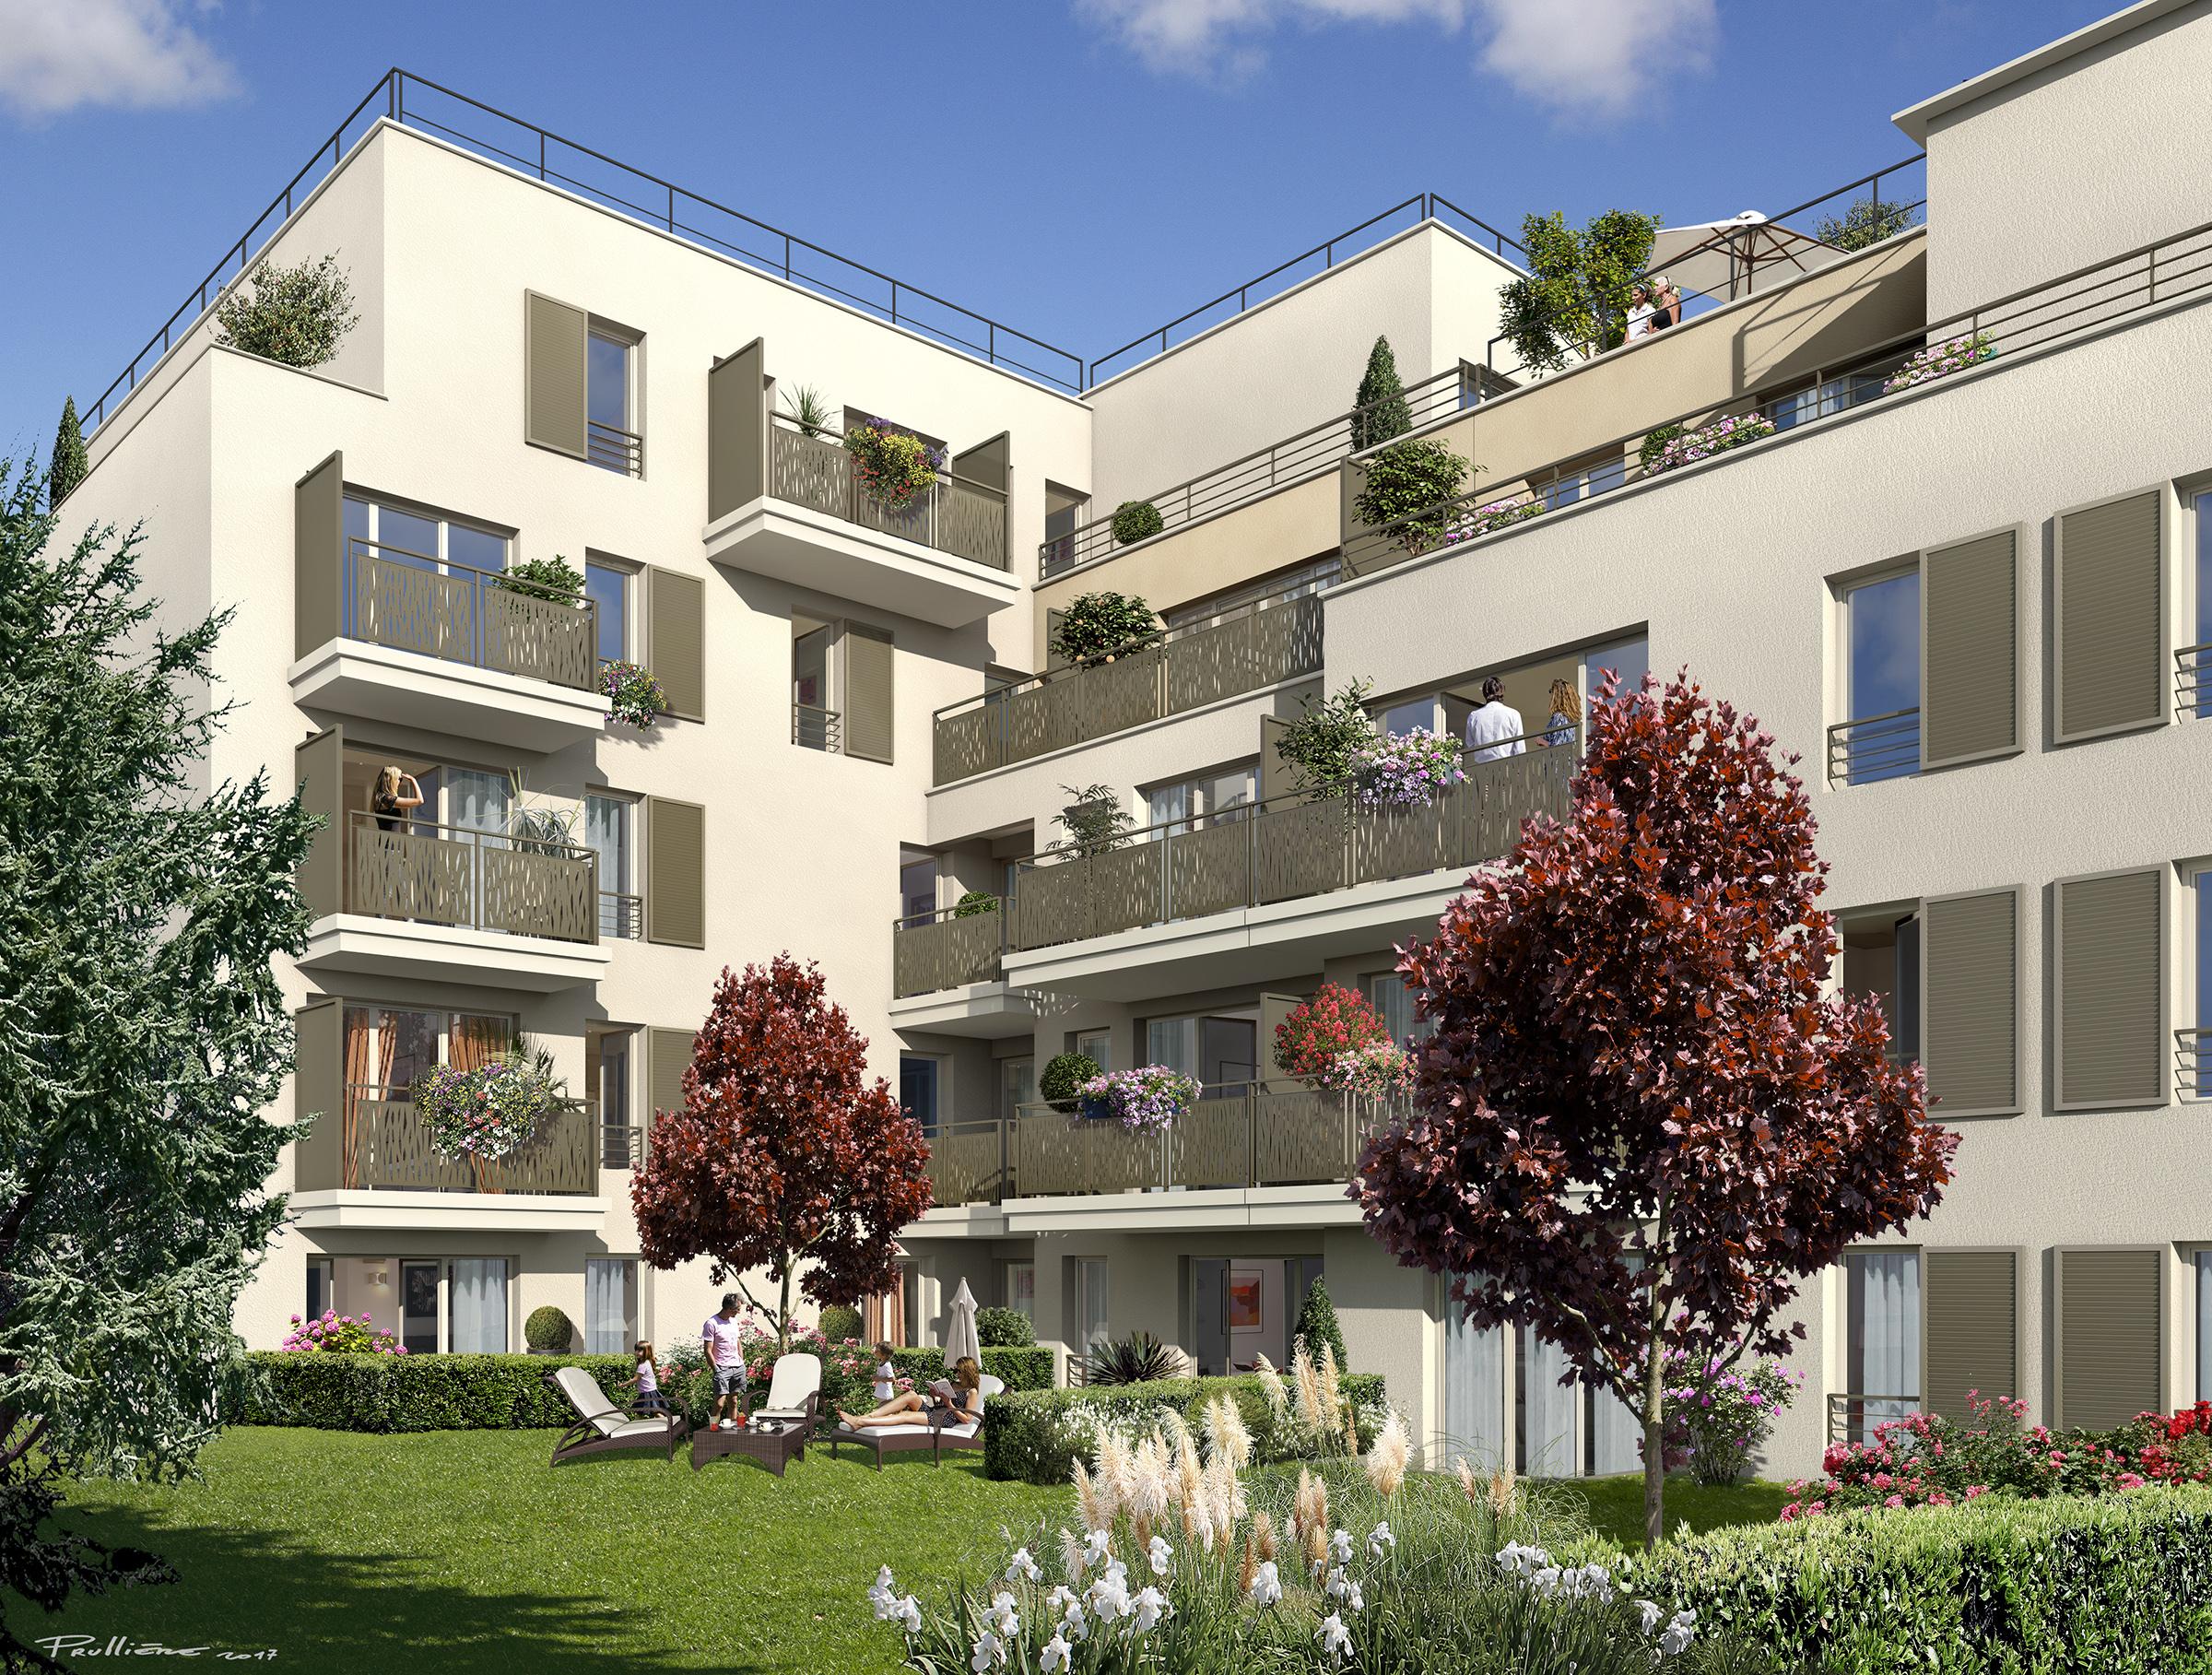 Cmp Livry Gargan concernant programme immobilier villa richelieu à livry-gargan